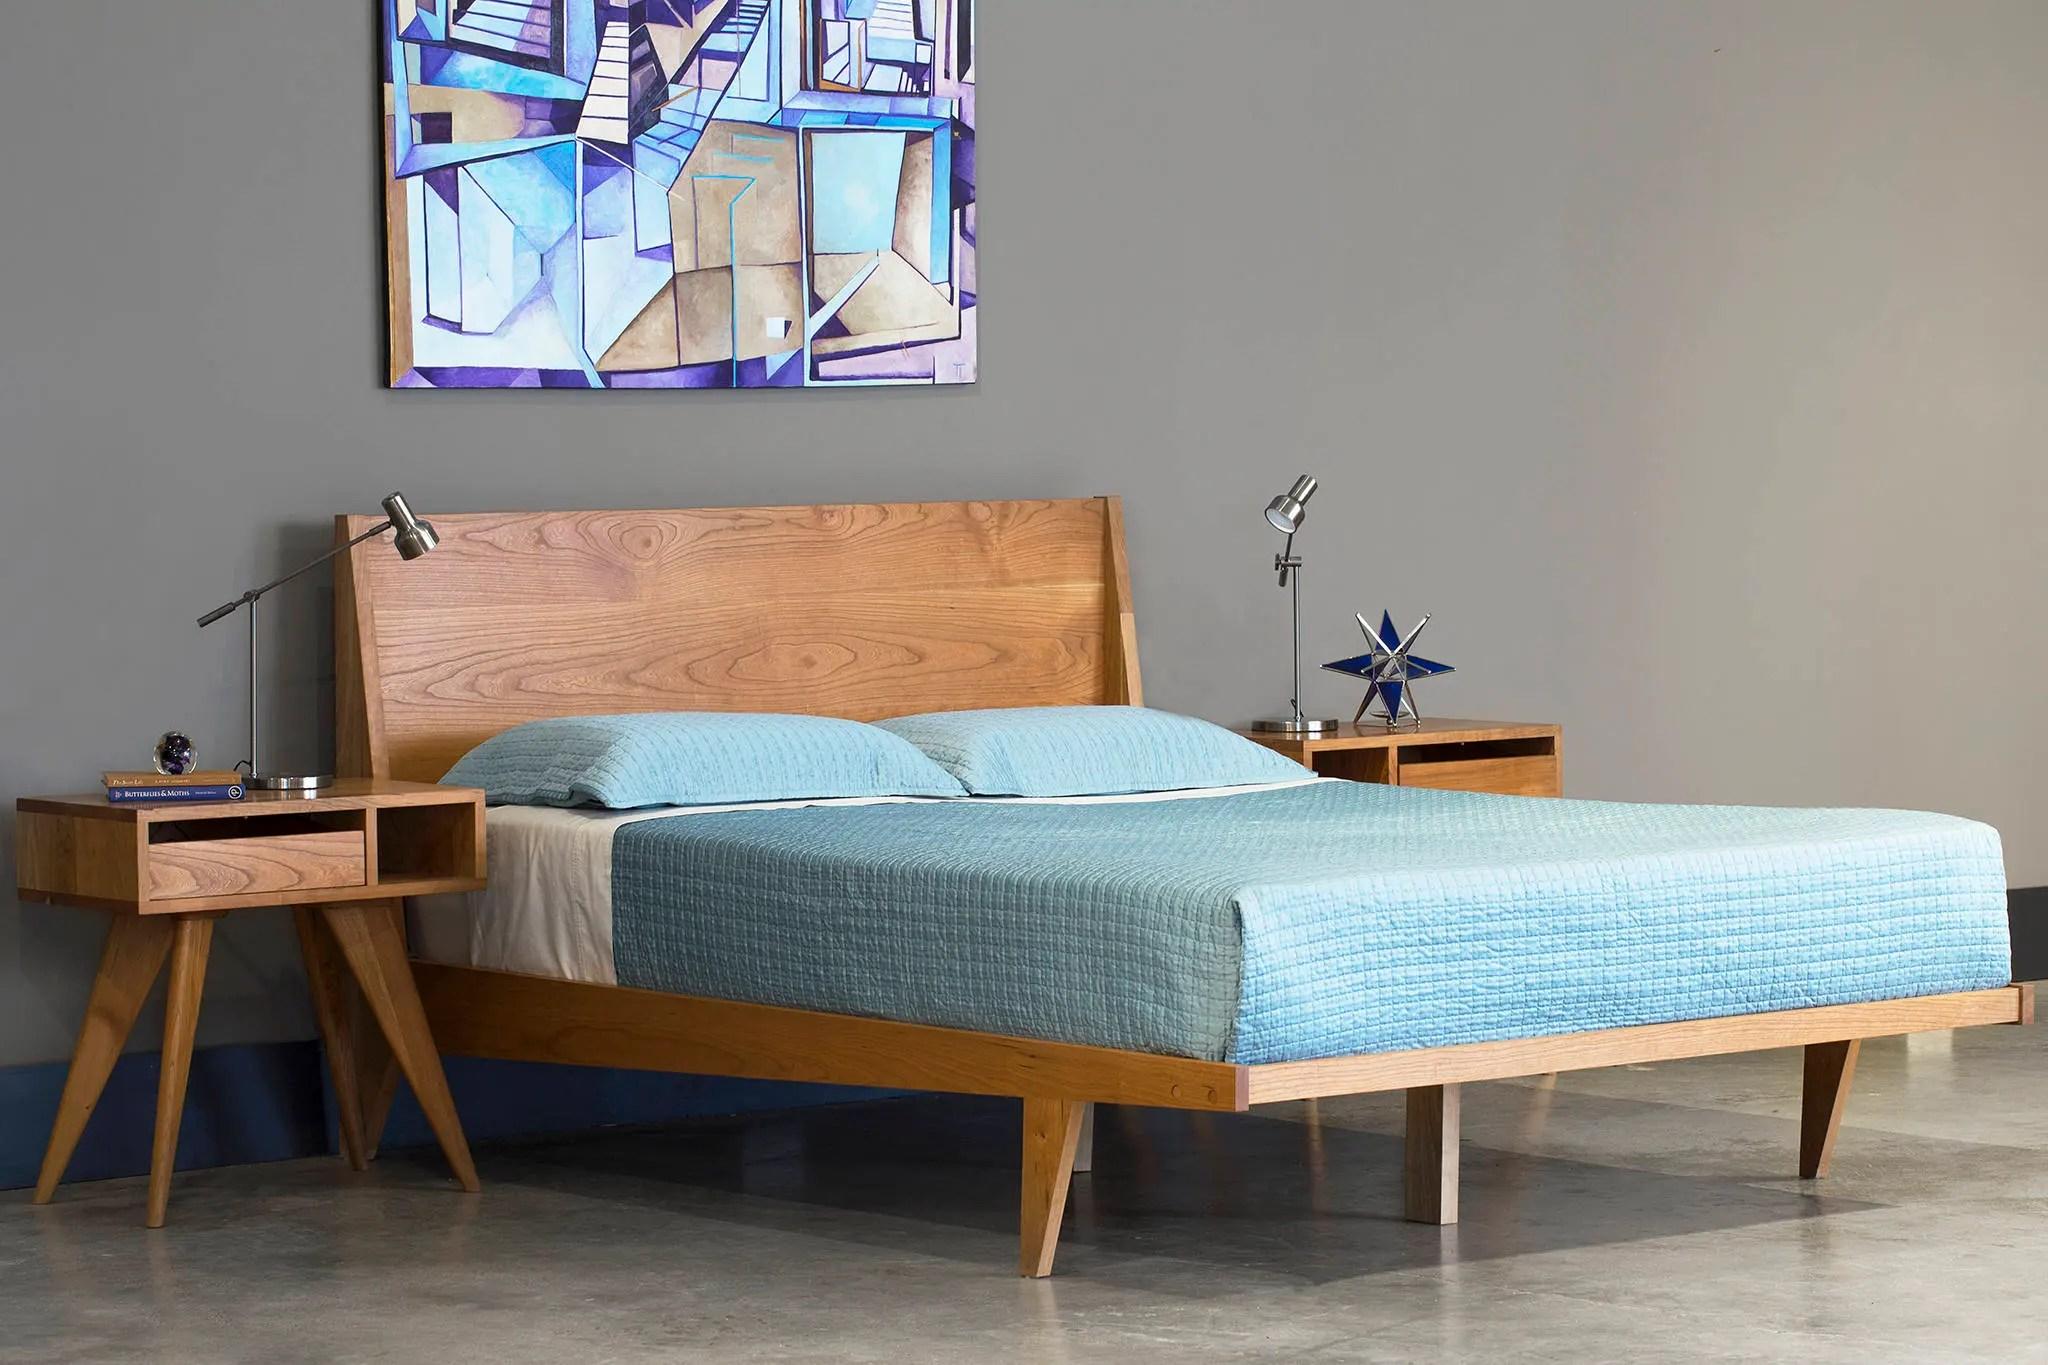 Modern Platform Bed Cherry Mid Century Modern Danish Solid